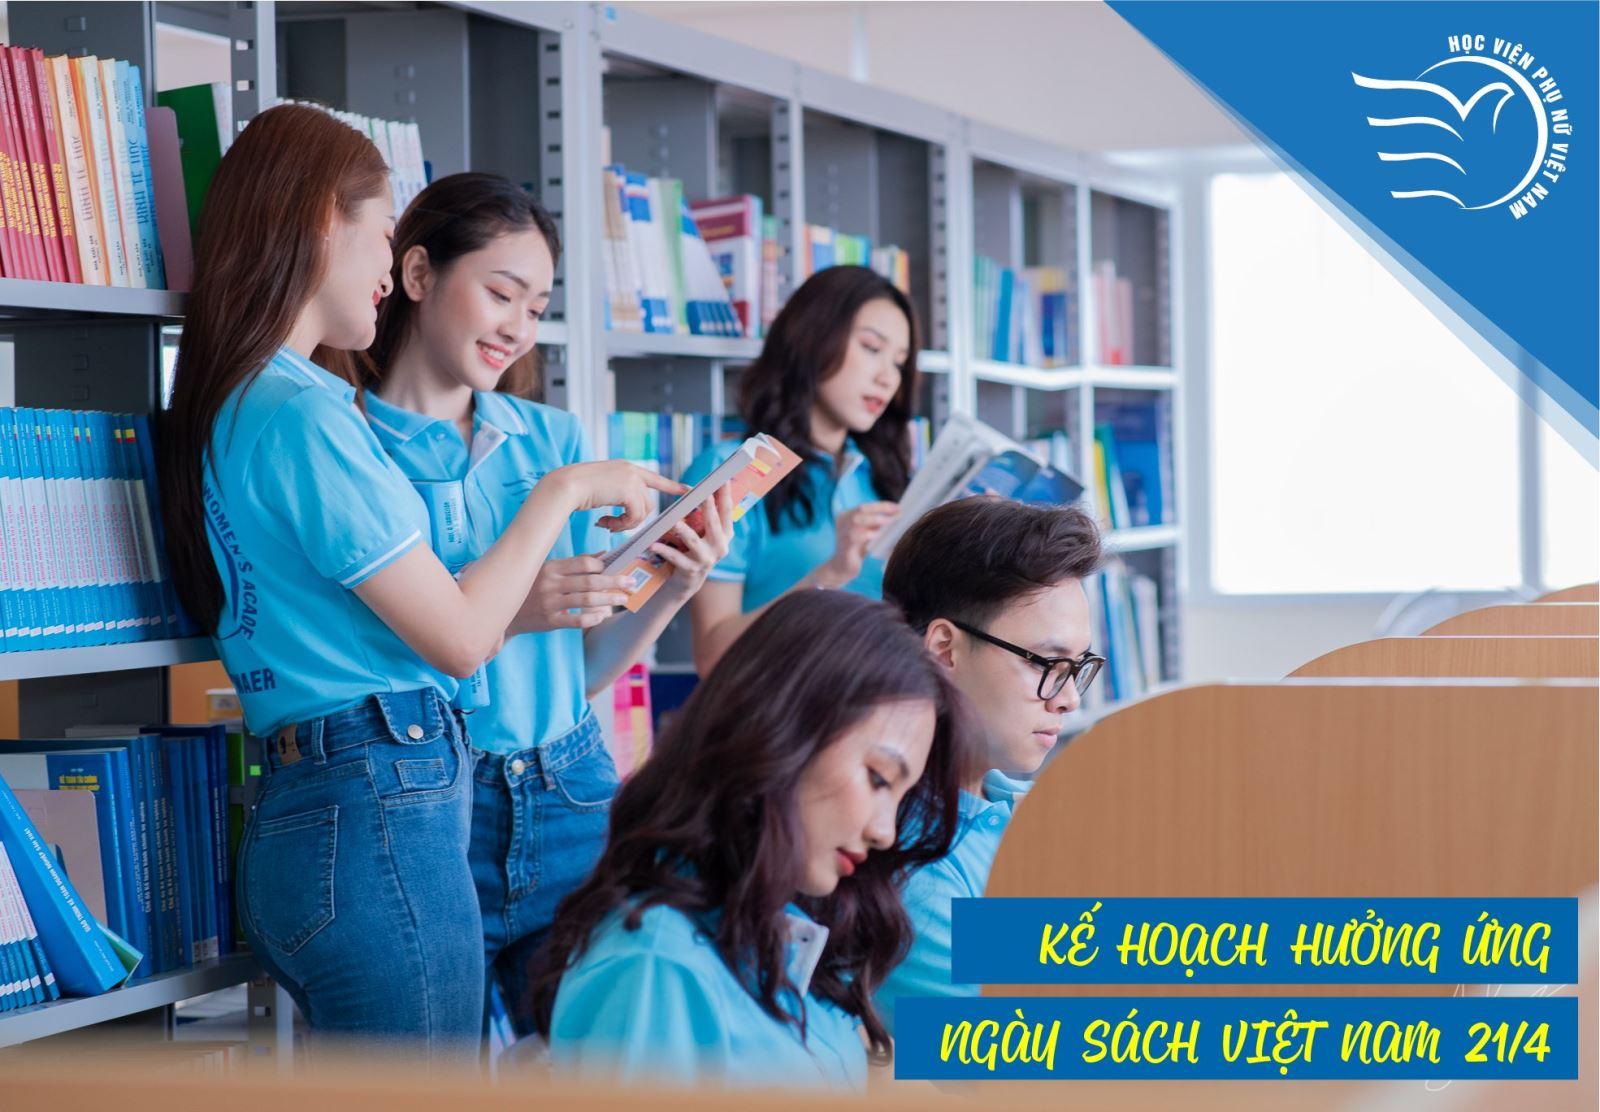 Thông báo Kế hoạch hưởng ứng ngày sách Việt Nam năm 2021